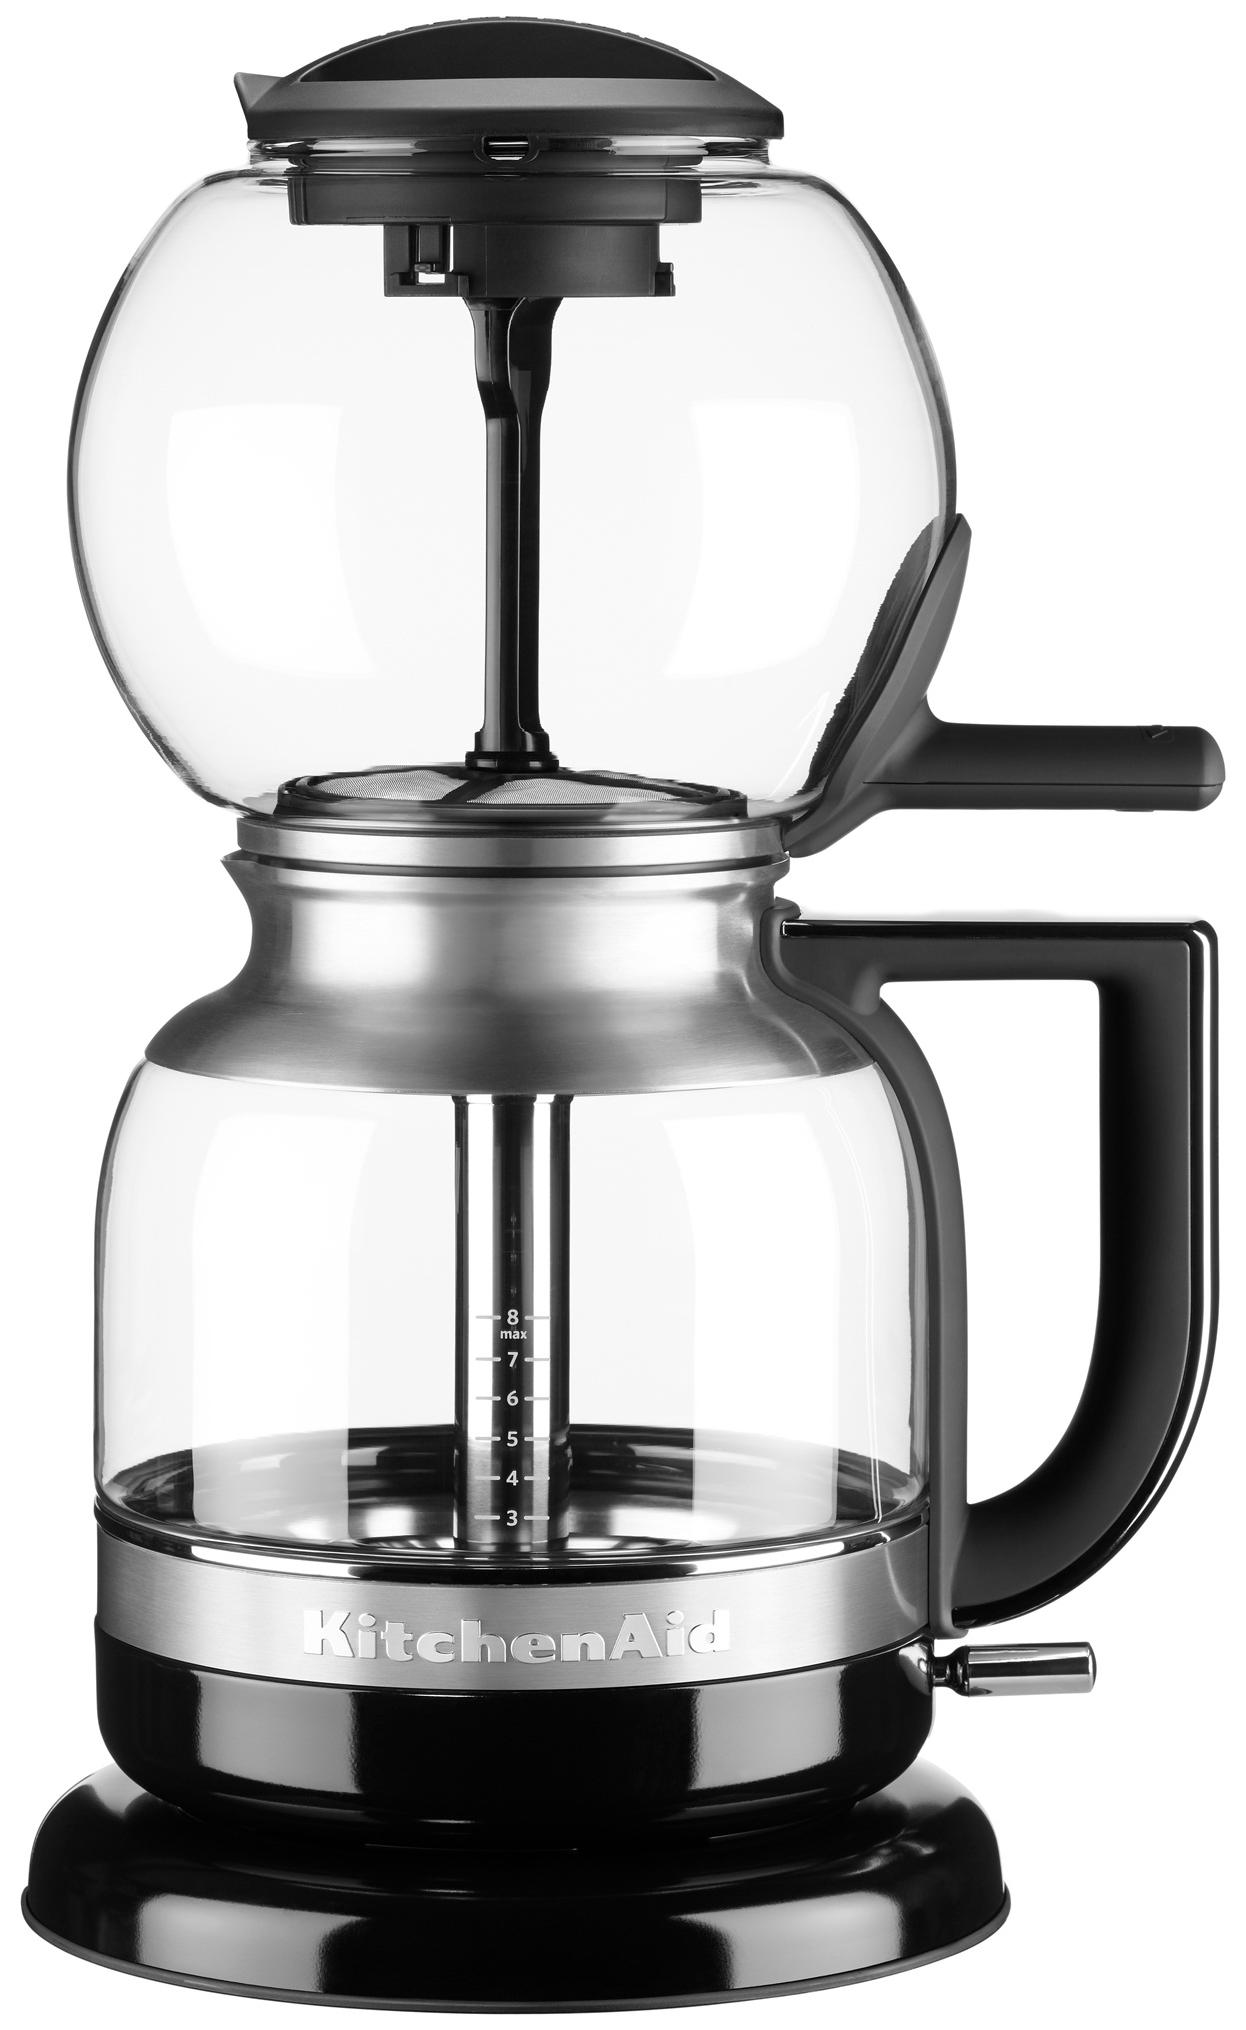 Кофеварка сифонная KitchenAid Artisan 5KCM0812EOB Black фото